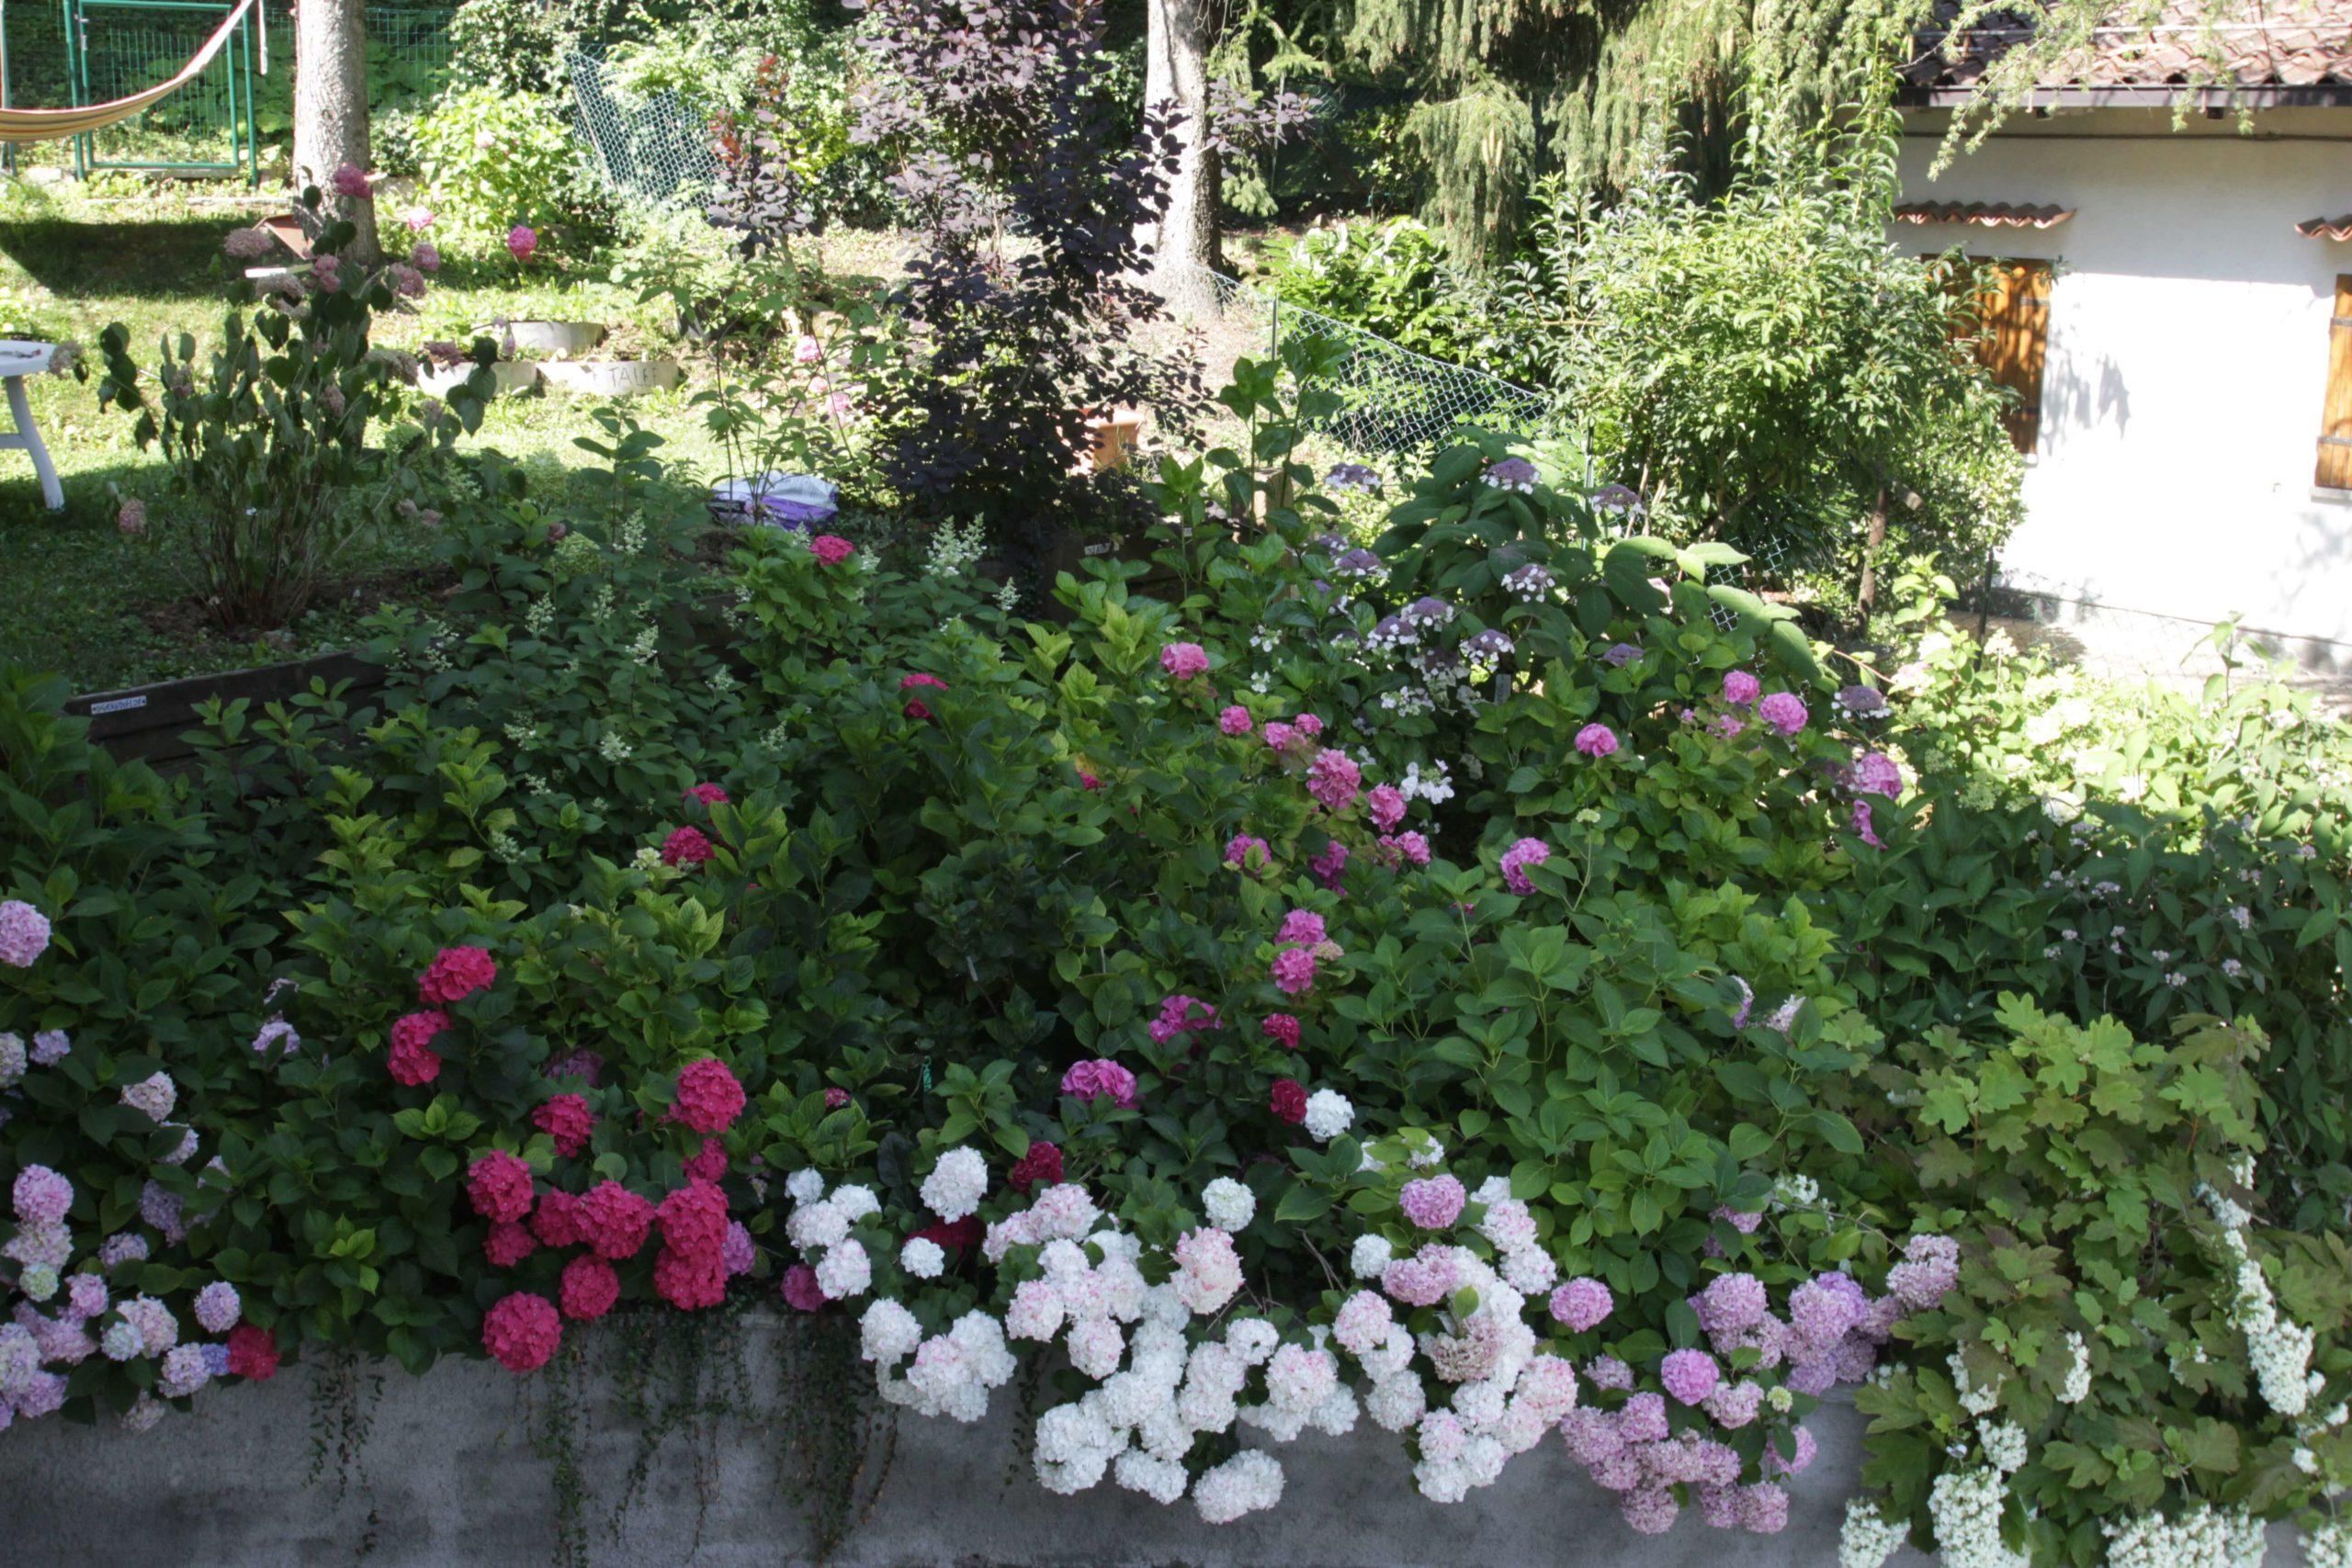 Raccontarci i nostri giardini di ortensie per imparare a gestirli meglio. post thumbnail